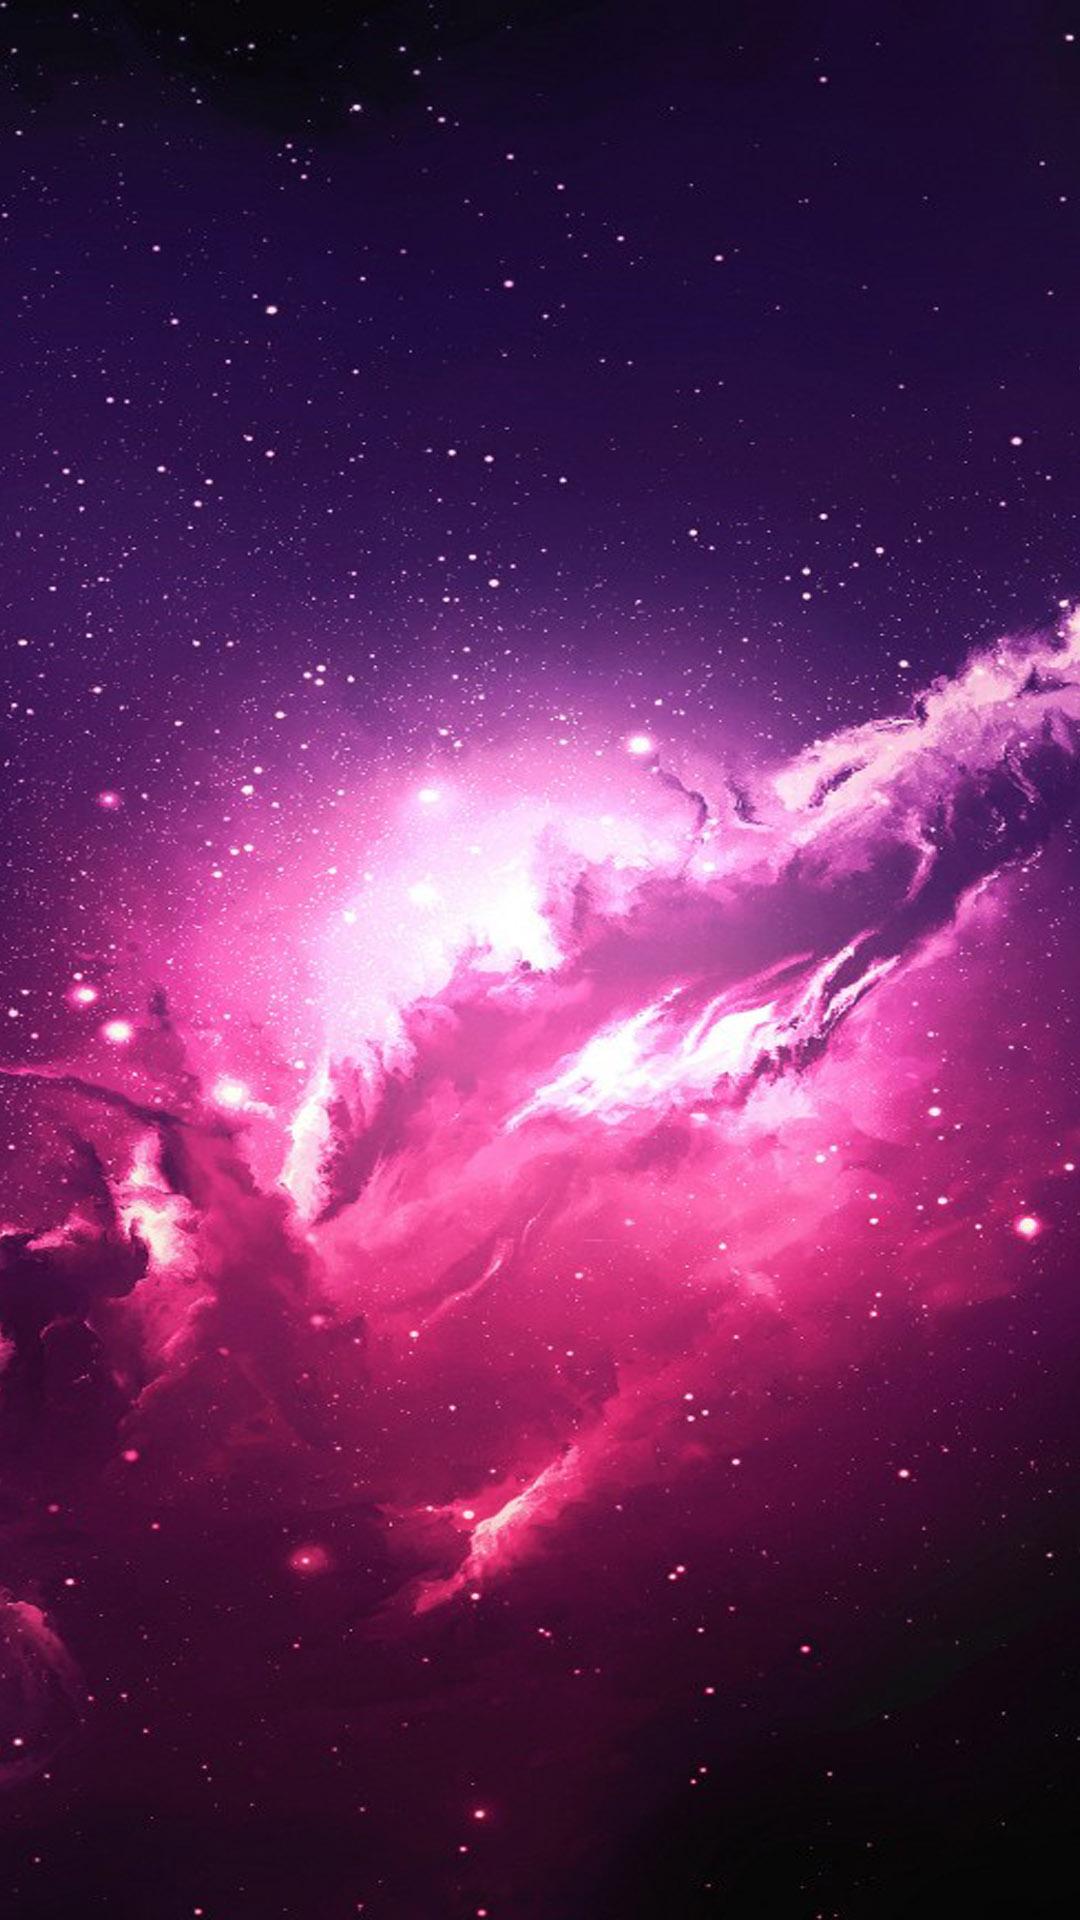 iPhone Space Wallpaper 21k   Galaxie Hintergrund Wallpaper ...